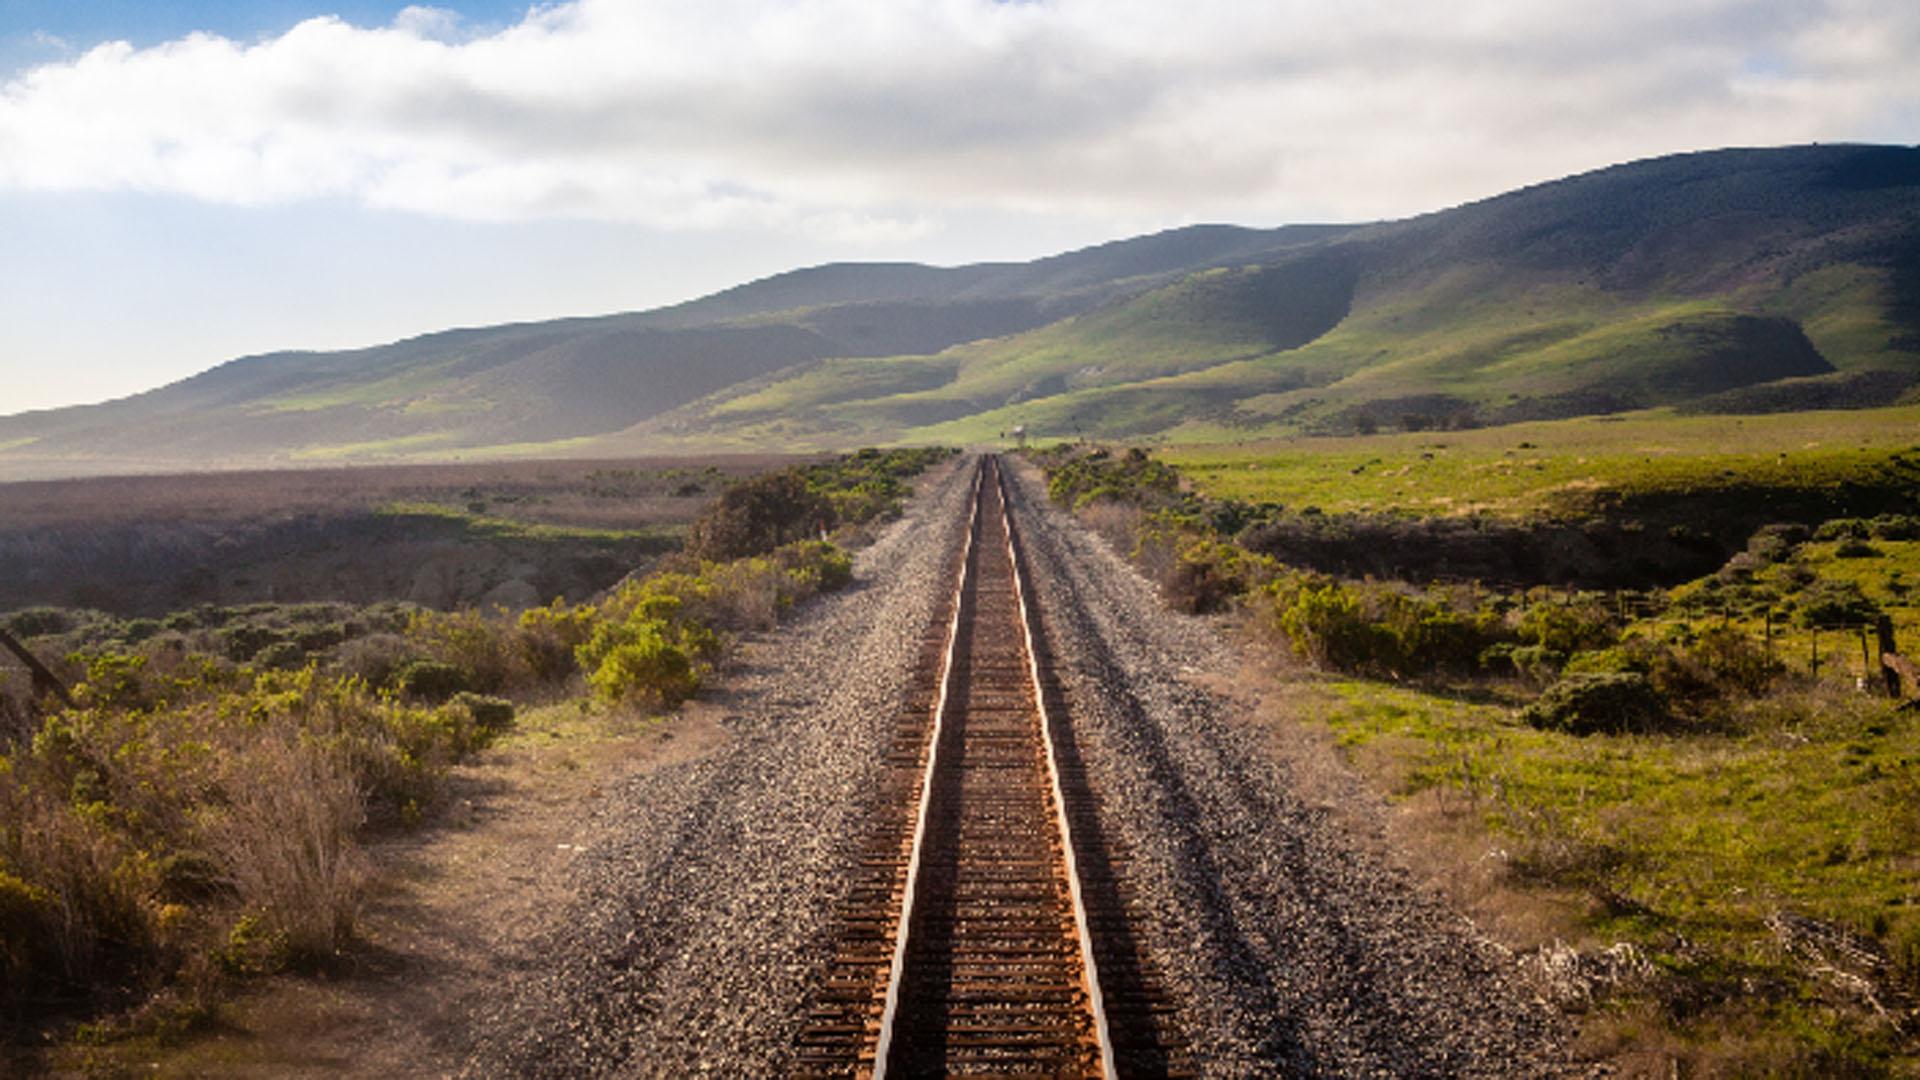 чем пропитаны железнодорожные шпалы